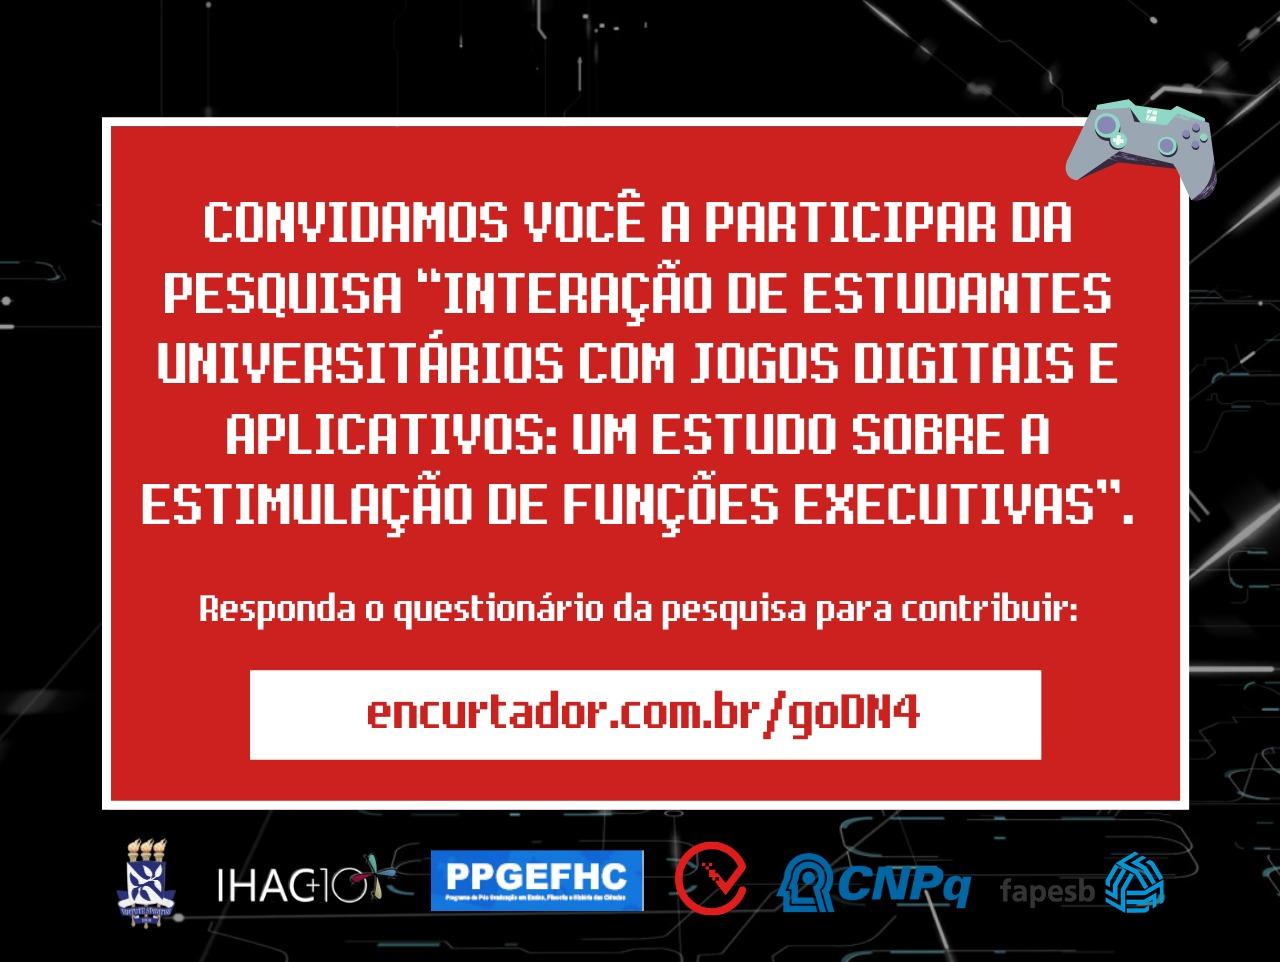 """Pesquisa """"Interação de estudantes universitários com jogos digitais e aplicativos"""" pode ser respondida até o dia 30/03"""